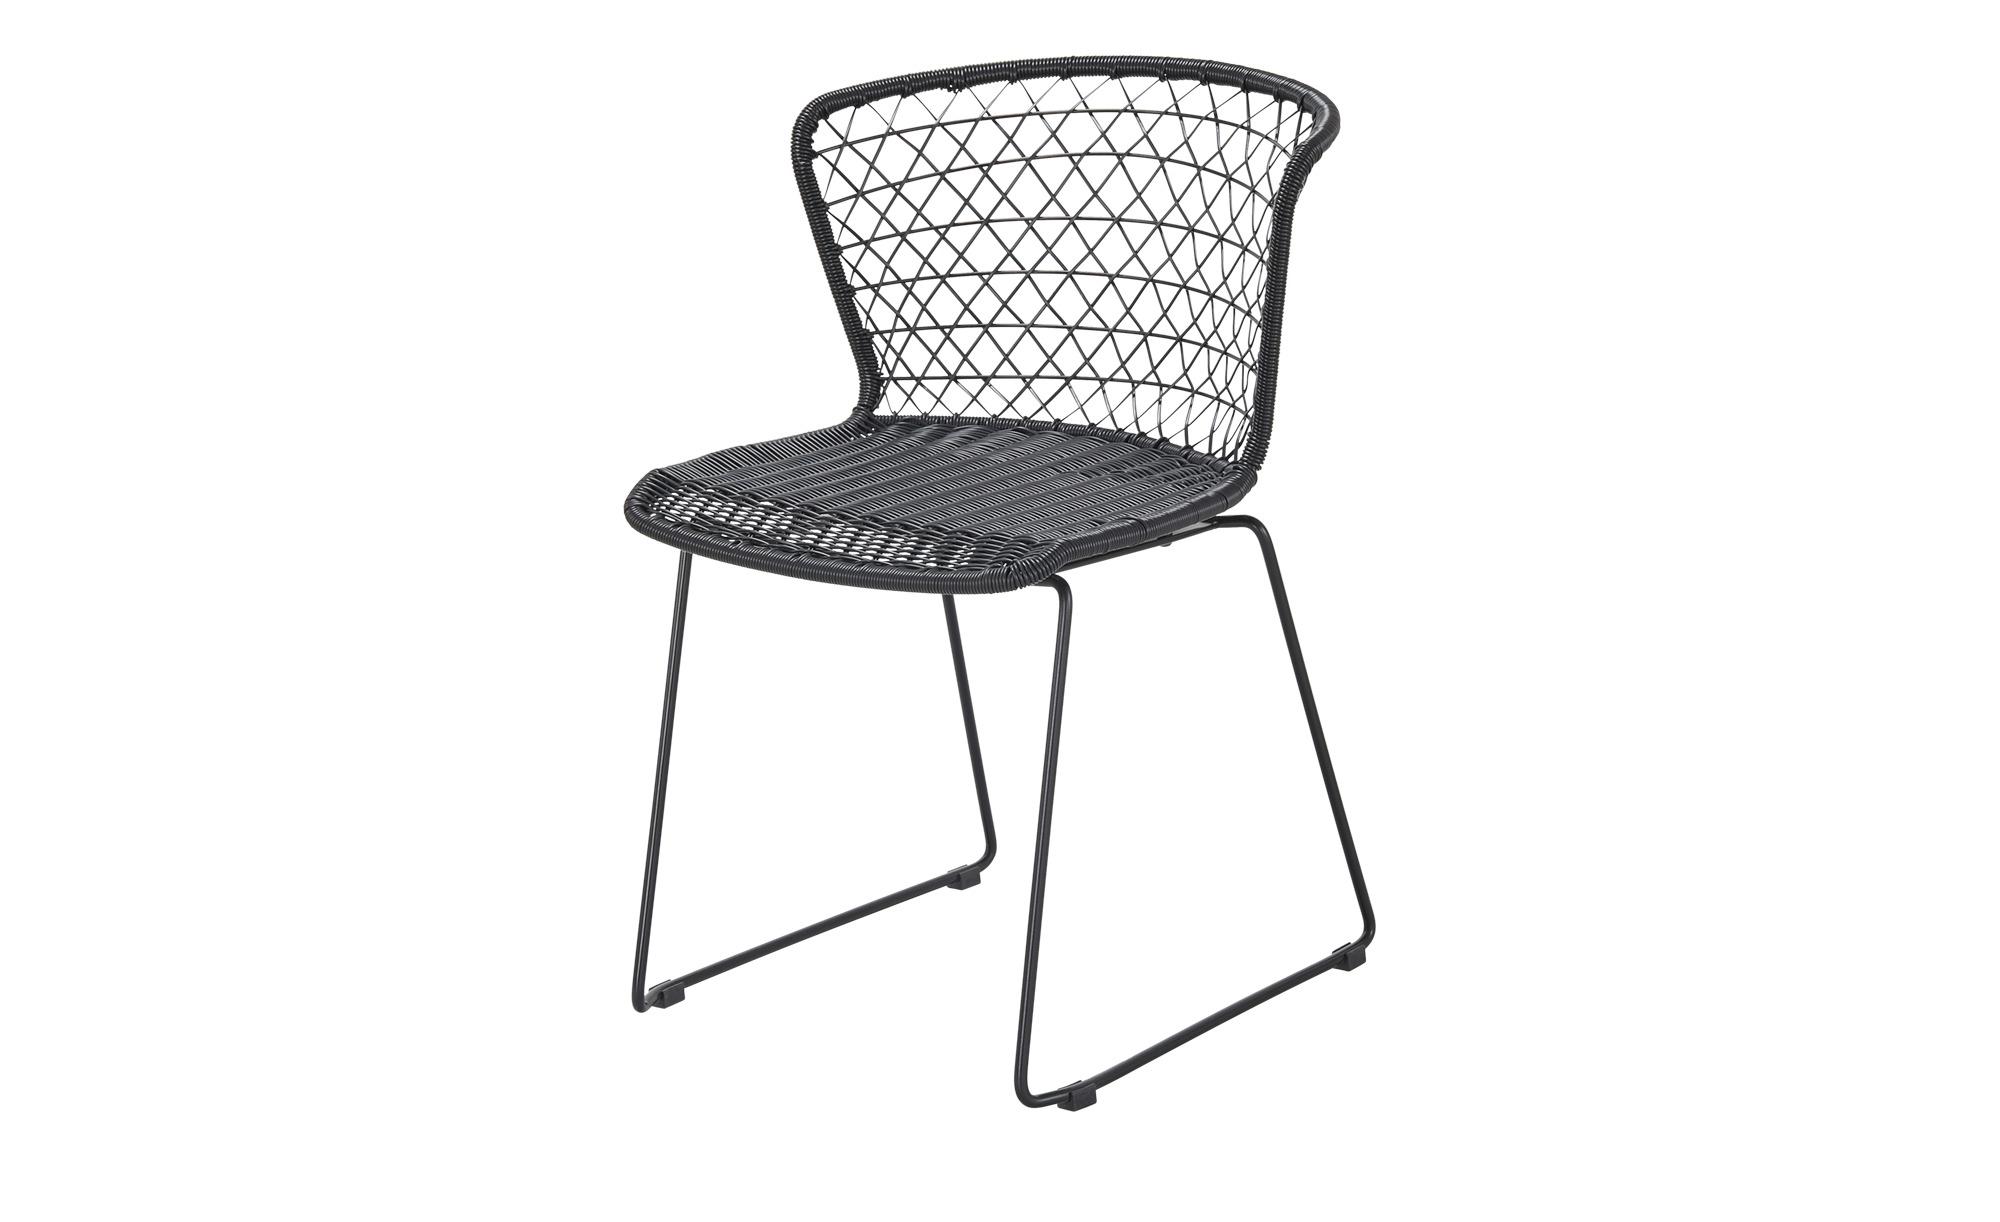 Kufenstuhl Victor Esszimmerstuhle Stuhle Und Kuche Esszimmer